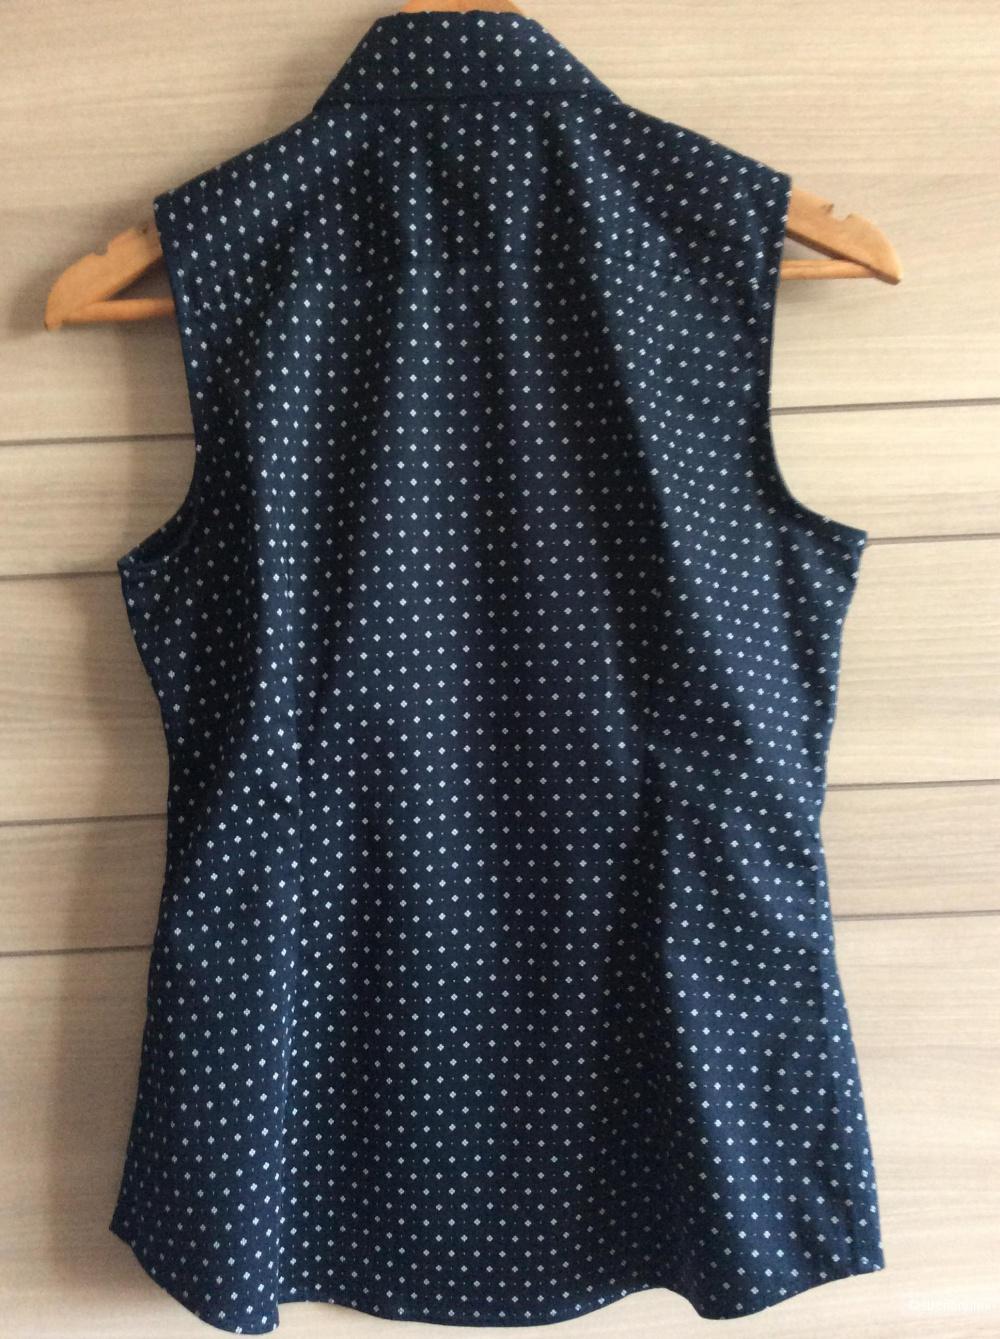 Рубашка Non-iron  без рукавов Banana Republic р-р 42-44